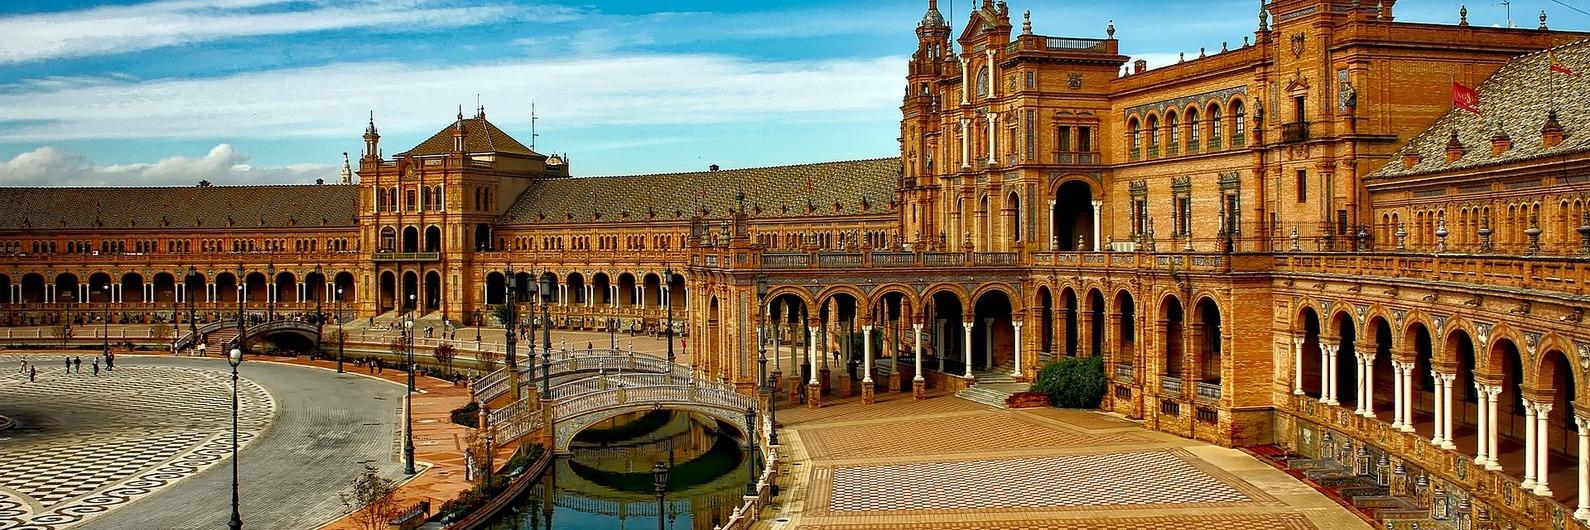 Entre no Palácio dos Reis em Sevilha e viva a série mais vista de sempre